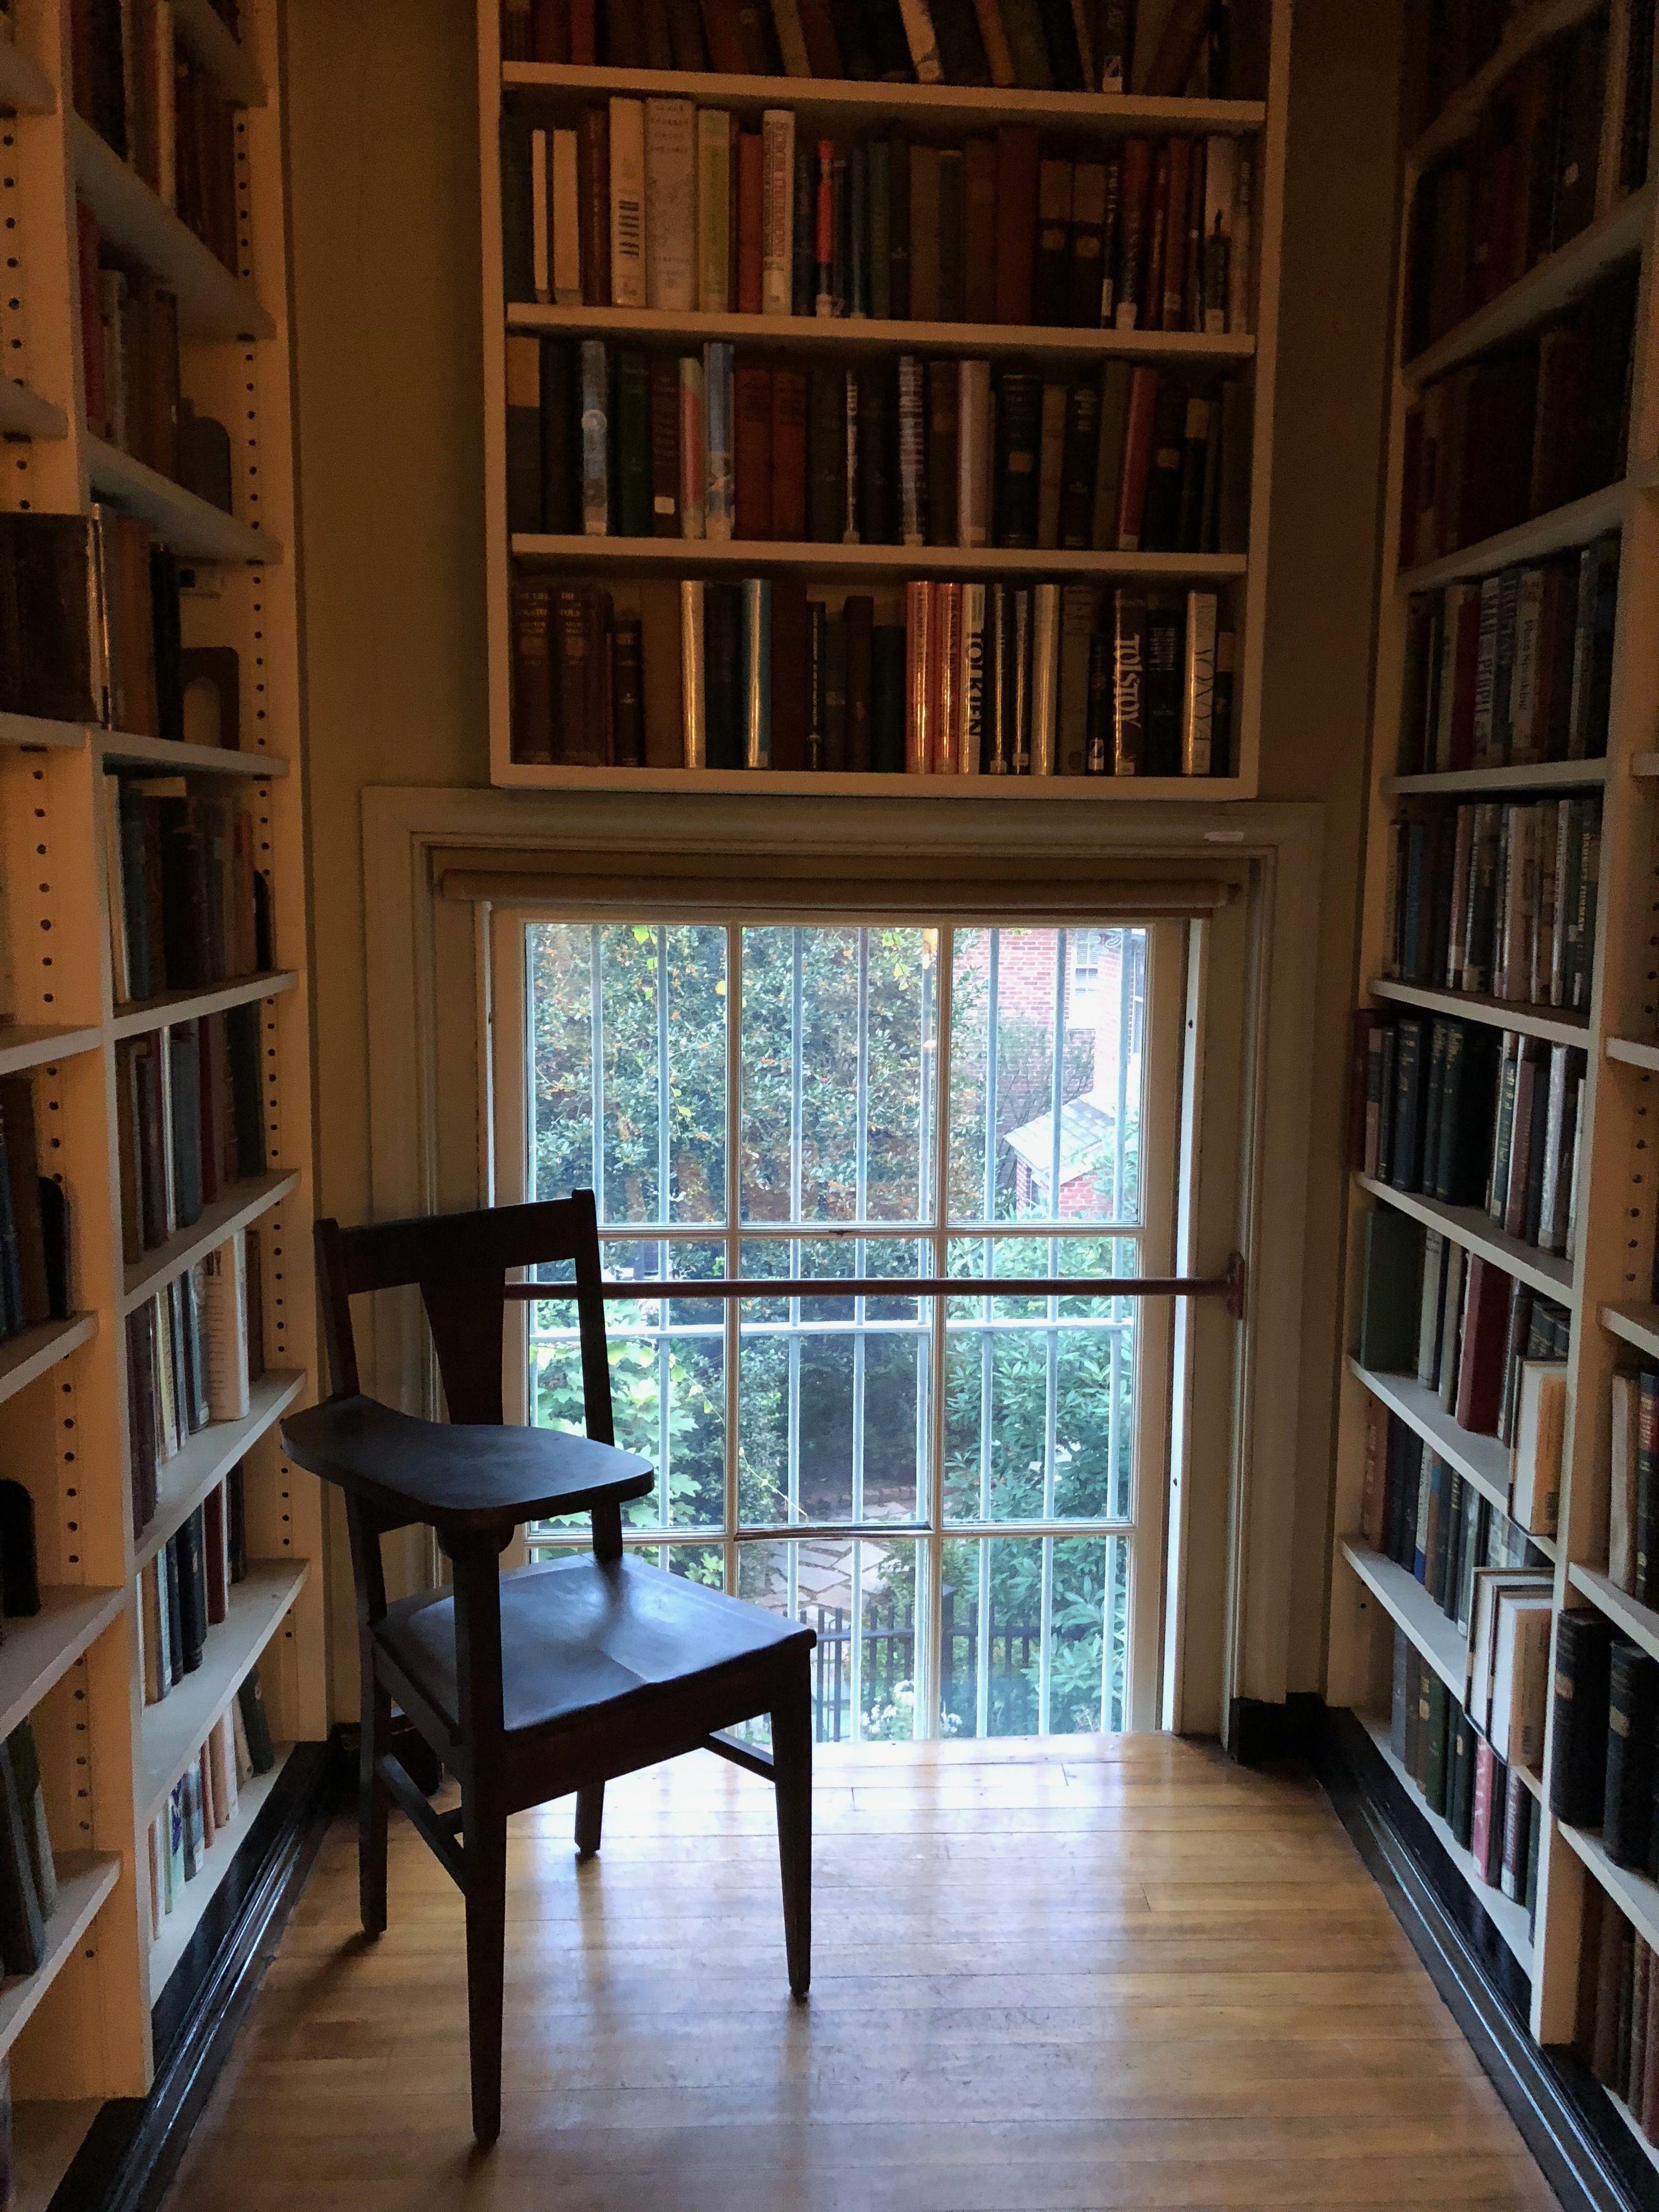 Providence Athenaum   Home, Bookshelves, Home decor